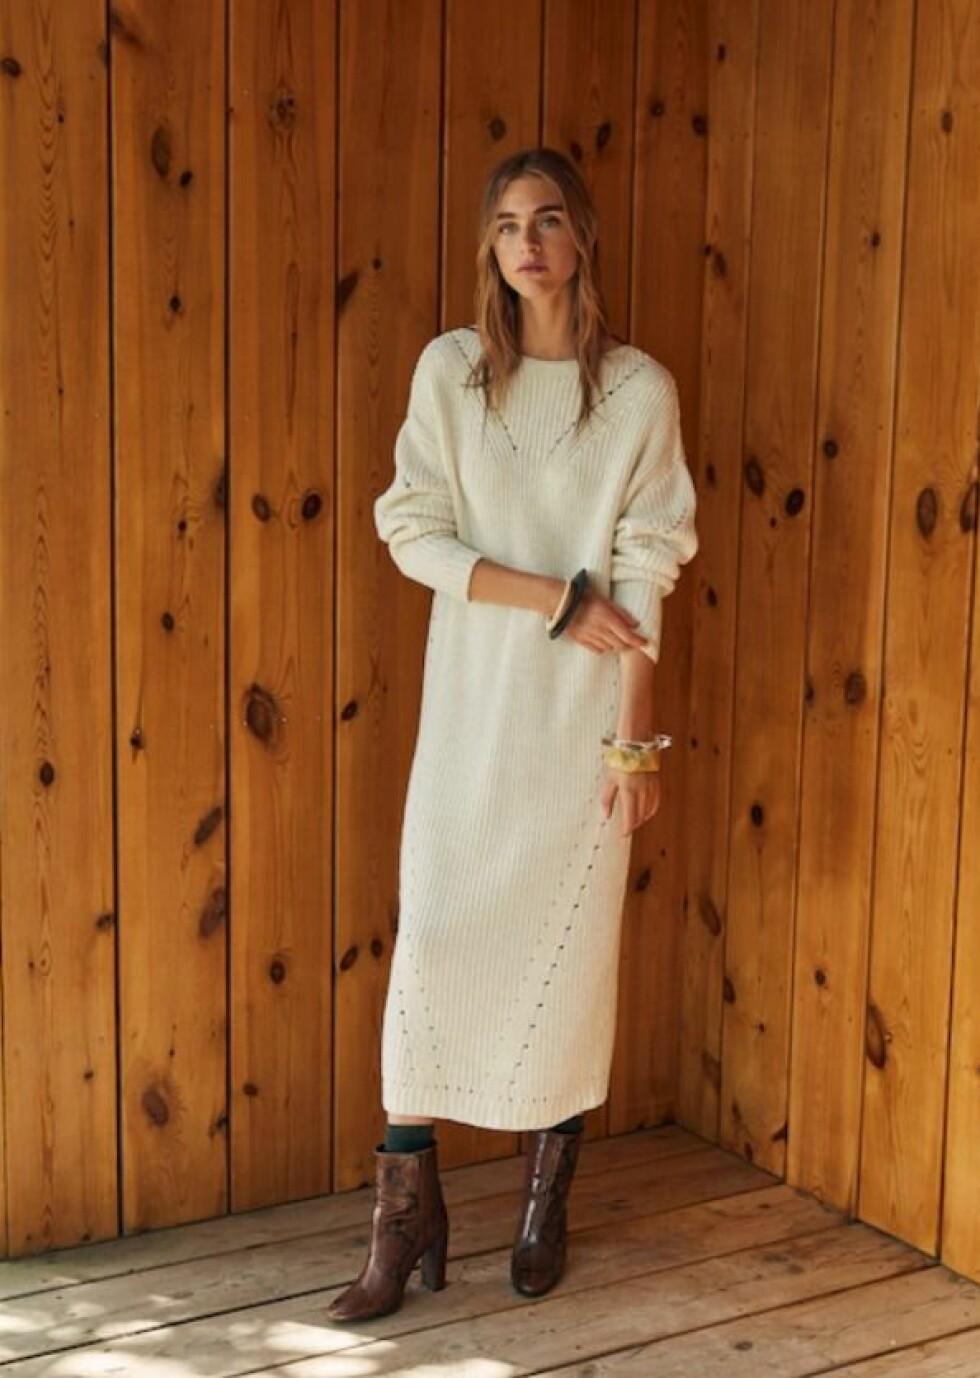 Kjole fra Mango |500,-| https://shop.mango.com/no/damer/kjoler/lang-kjole-med-hullm%C3%B8nster_33085798.html?c=02&n=1&s=nuevo